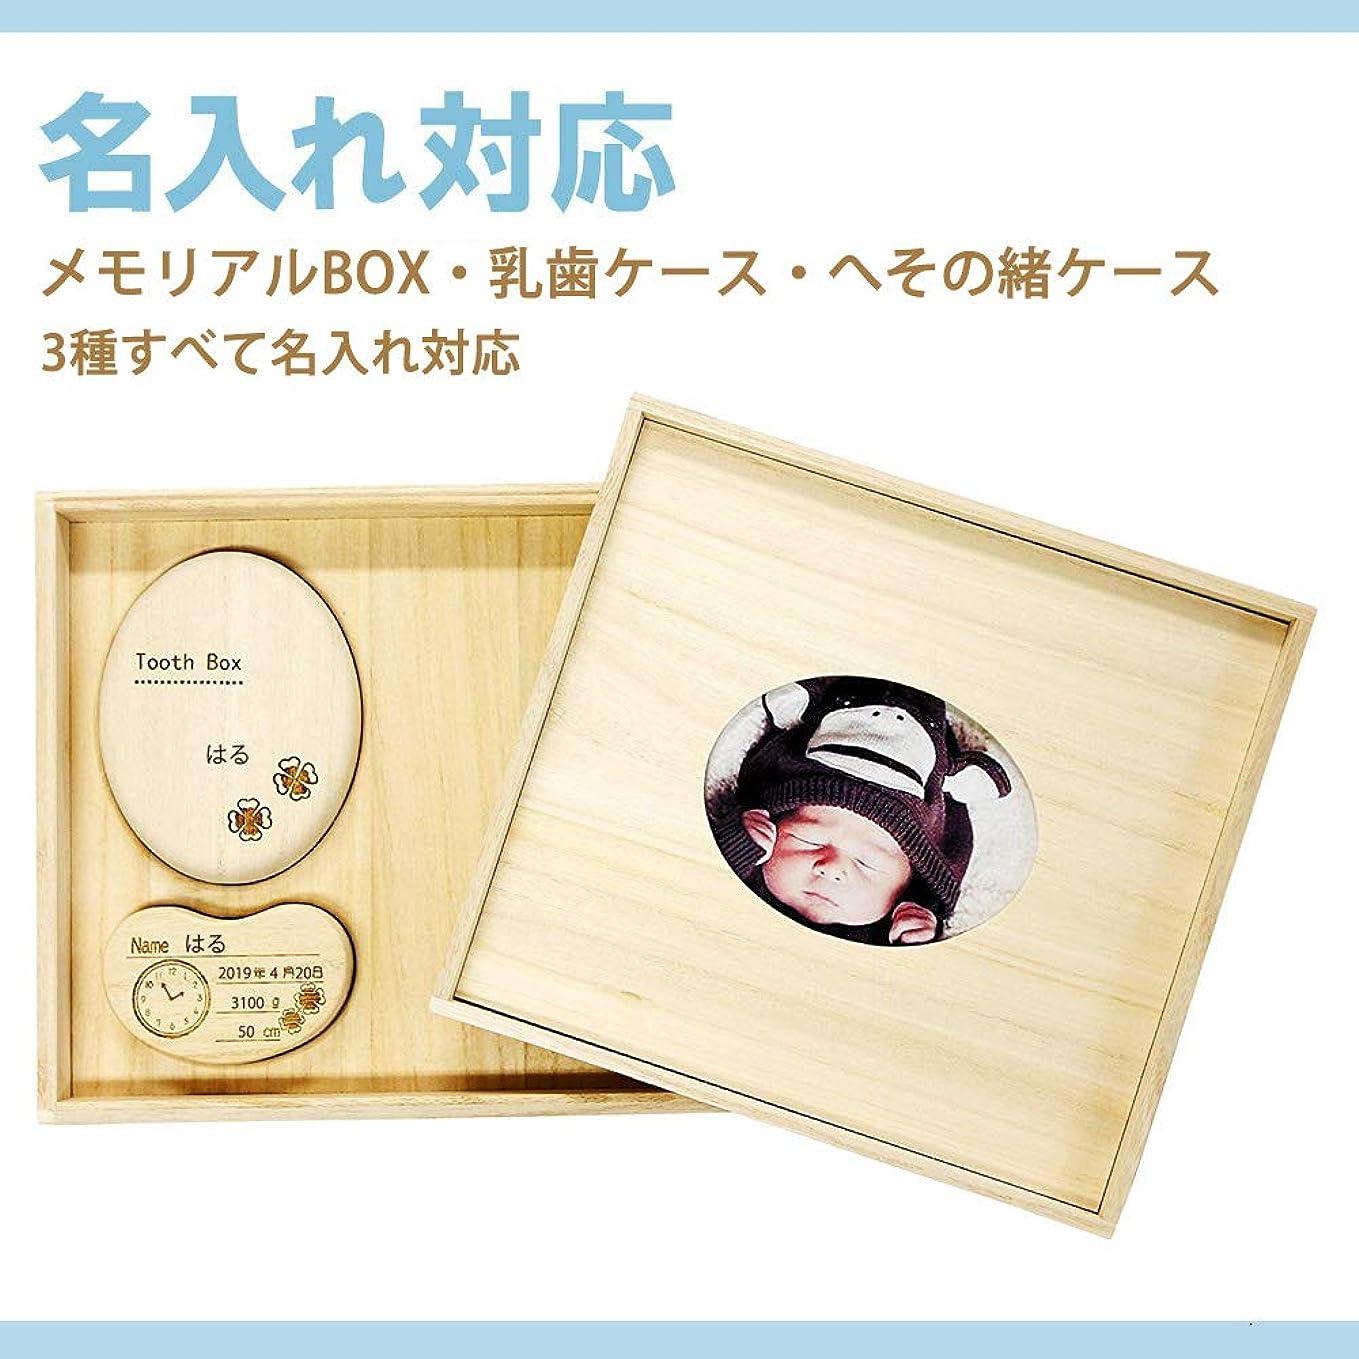 内なる松パワーメモリアルBOX(乳歯ケース、へその緒ケース)《3種すべて名入れ対応》